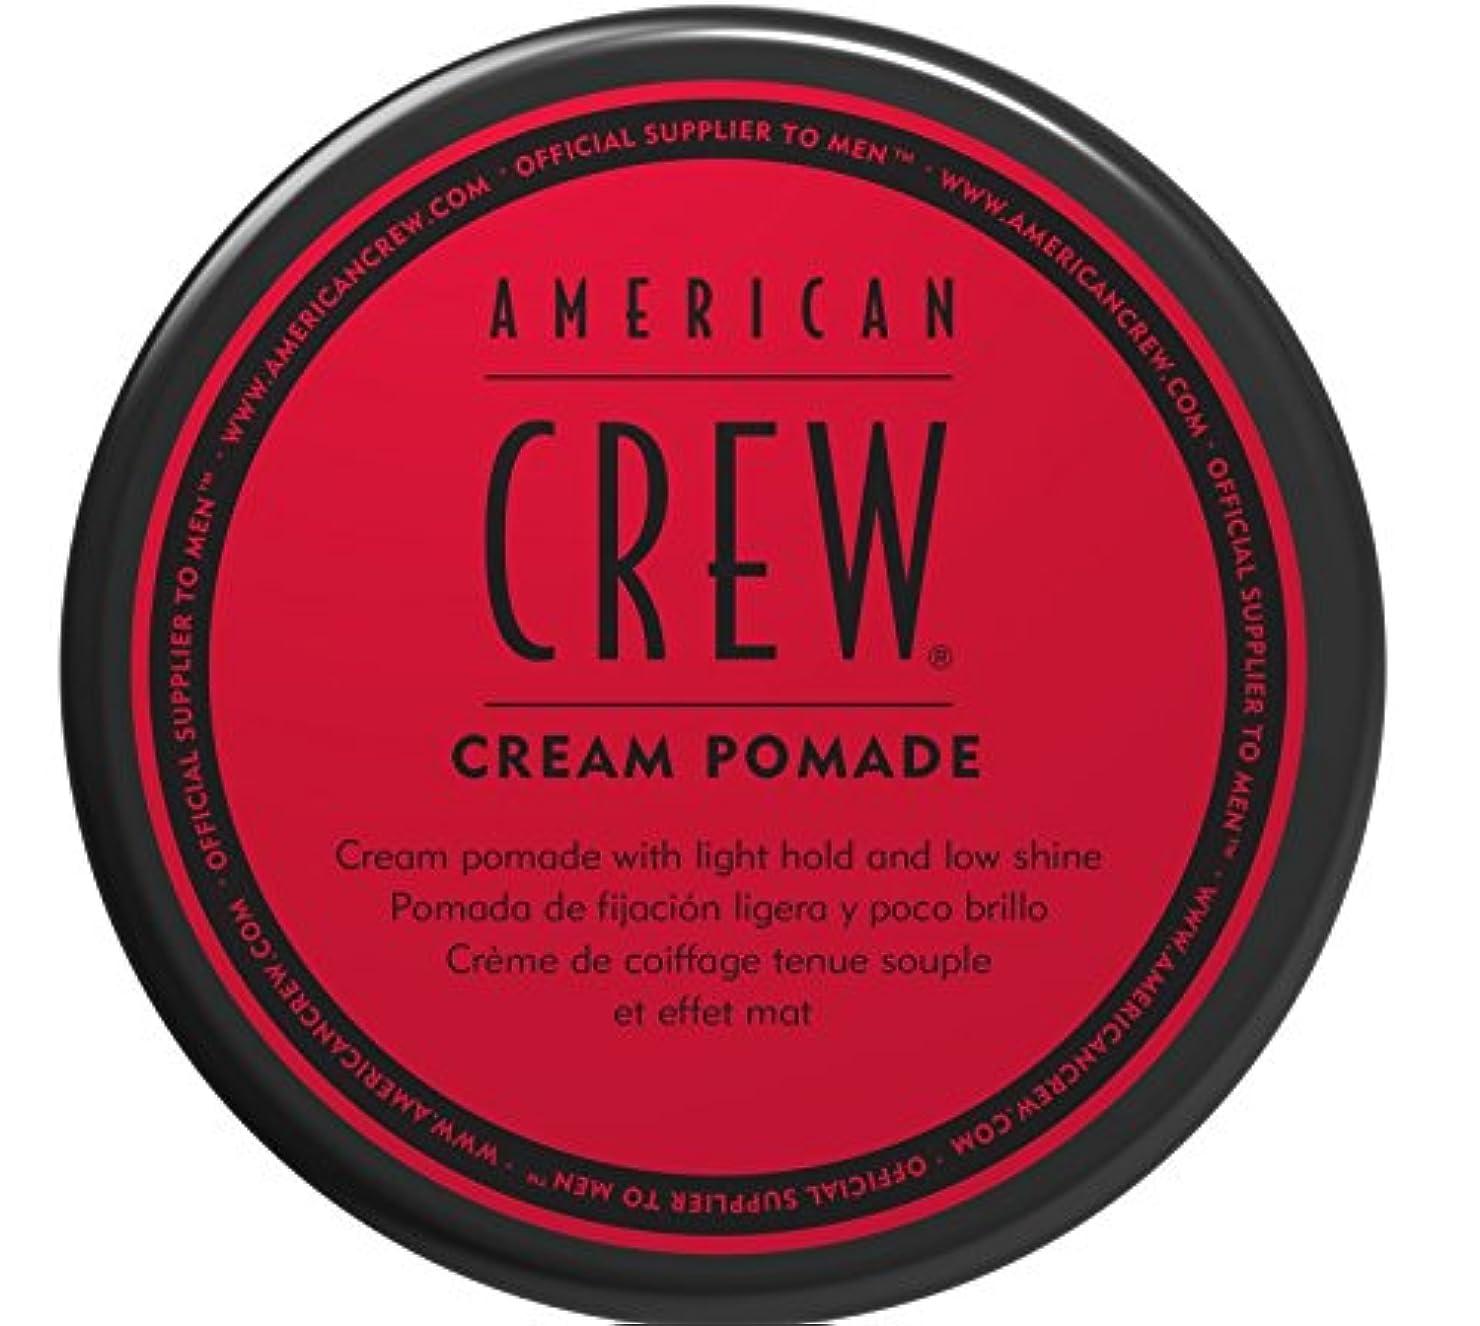 スクワイアビーズ稼ぐAMERICAN CREW アメリカンクルークリームポマード、3オンス 3オンス